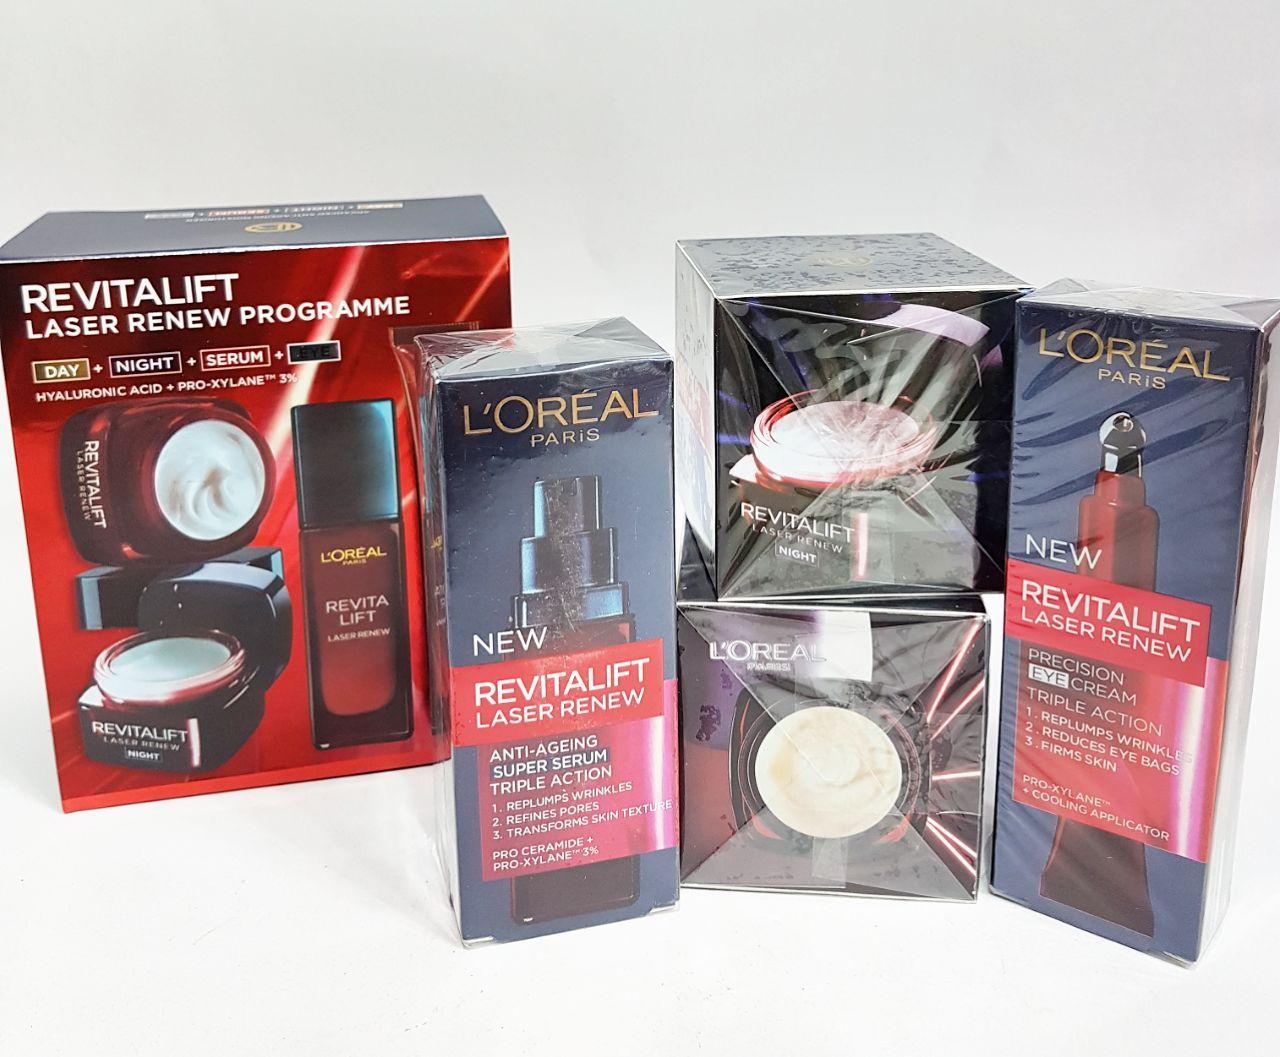 پک زیبایی لورال___Revitalift laser renev programme Loreal